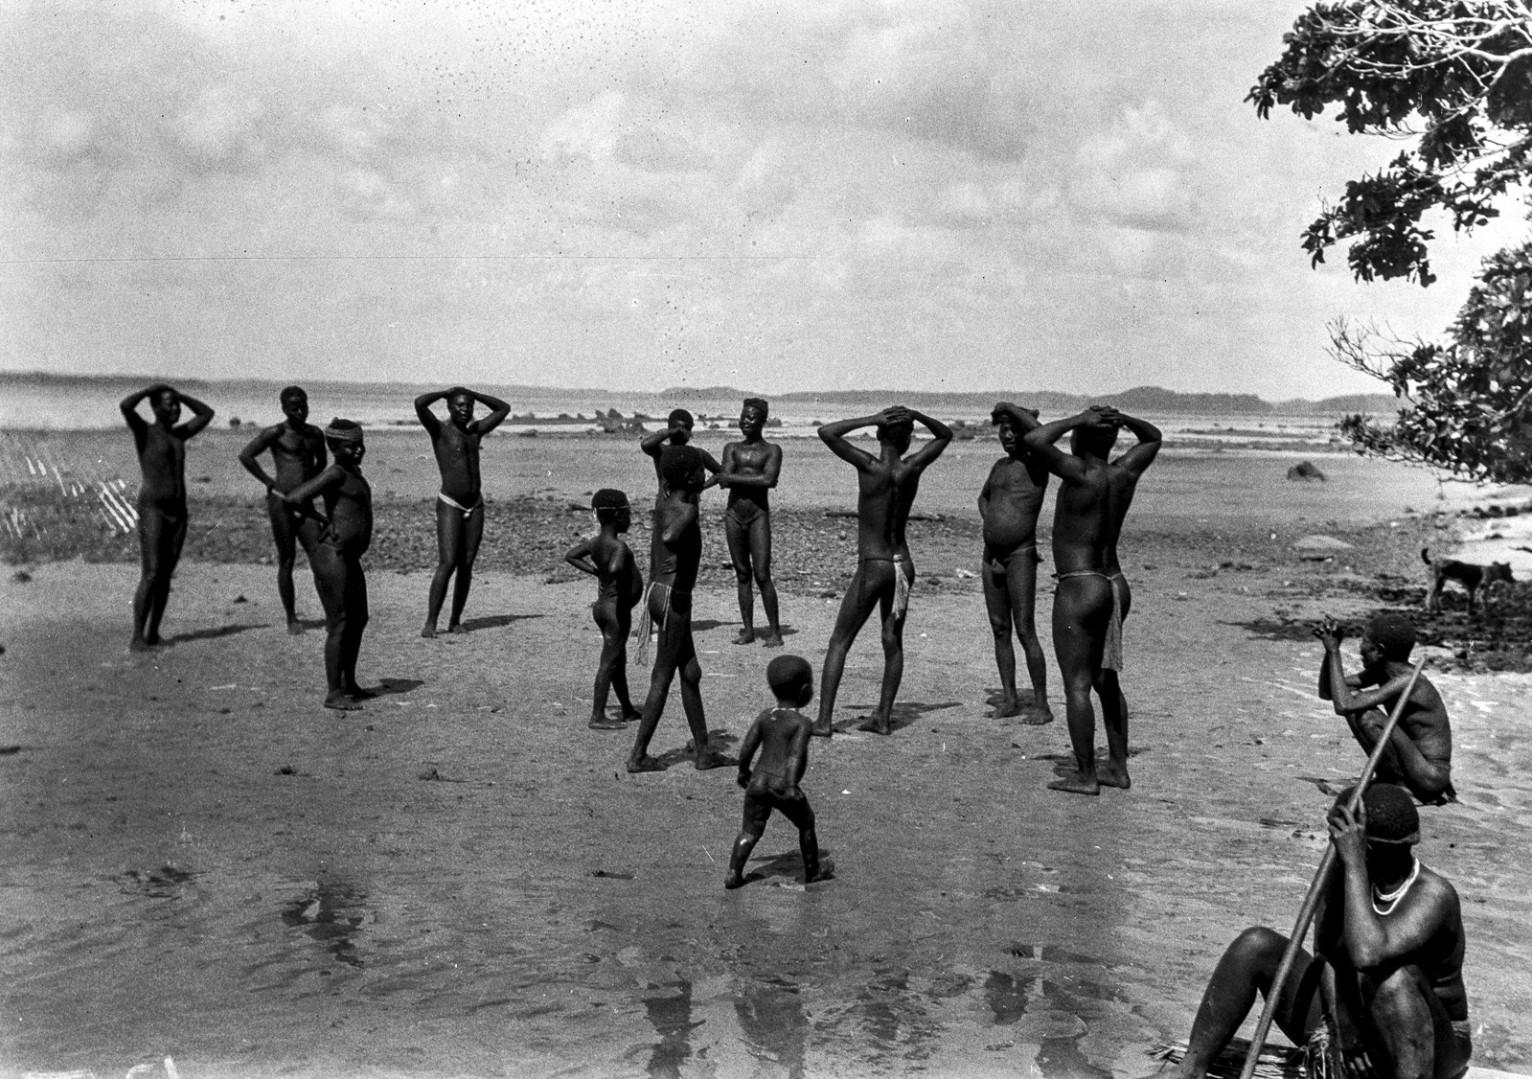 1193. Народность онге. Группа мужчин на берегу собирается танцевать